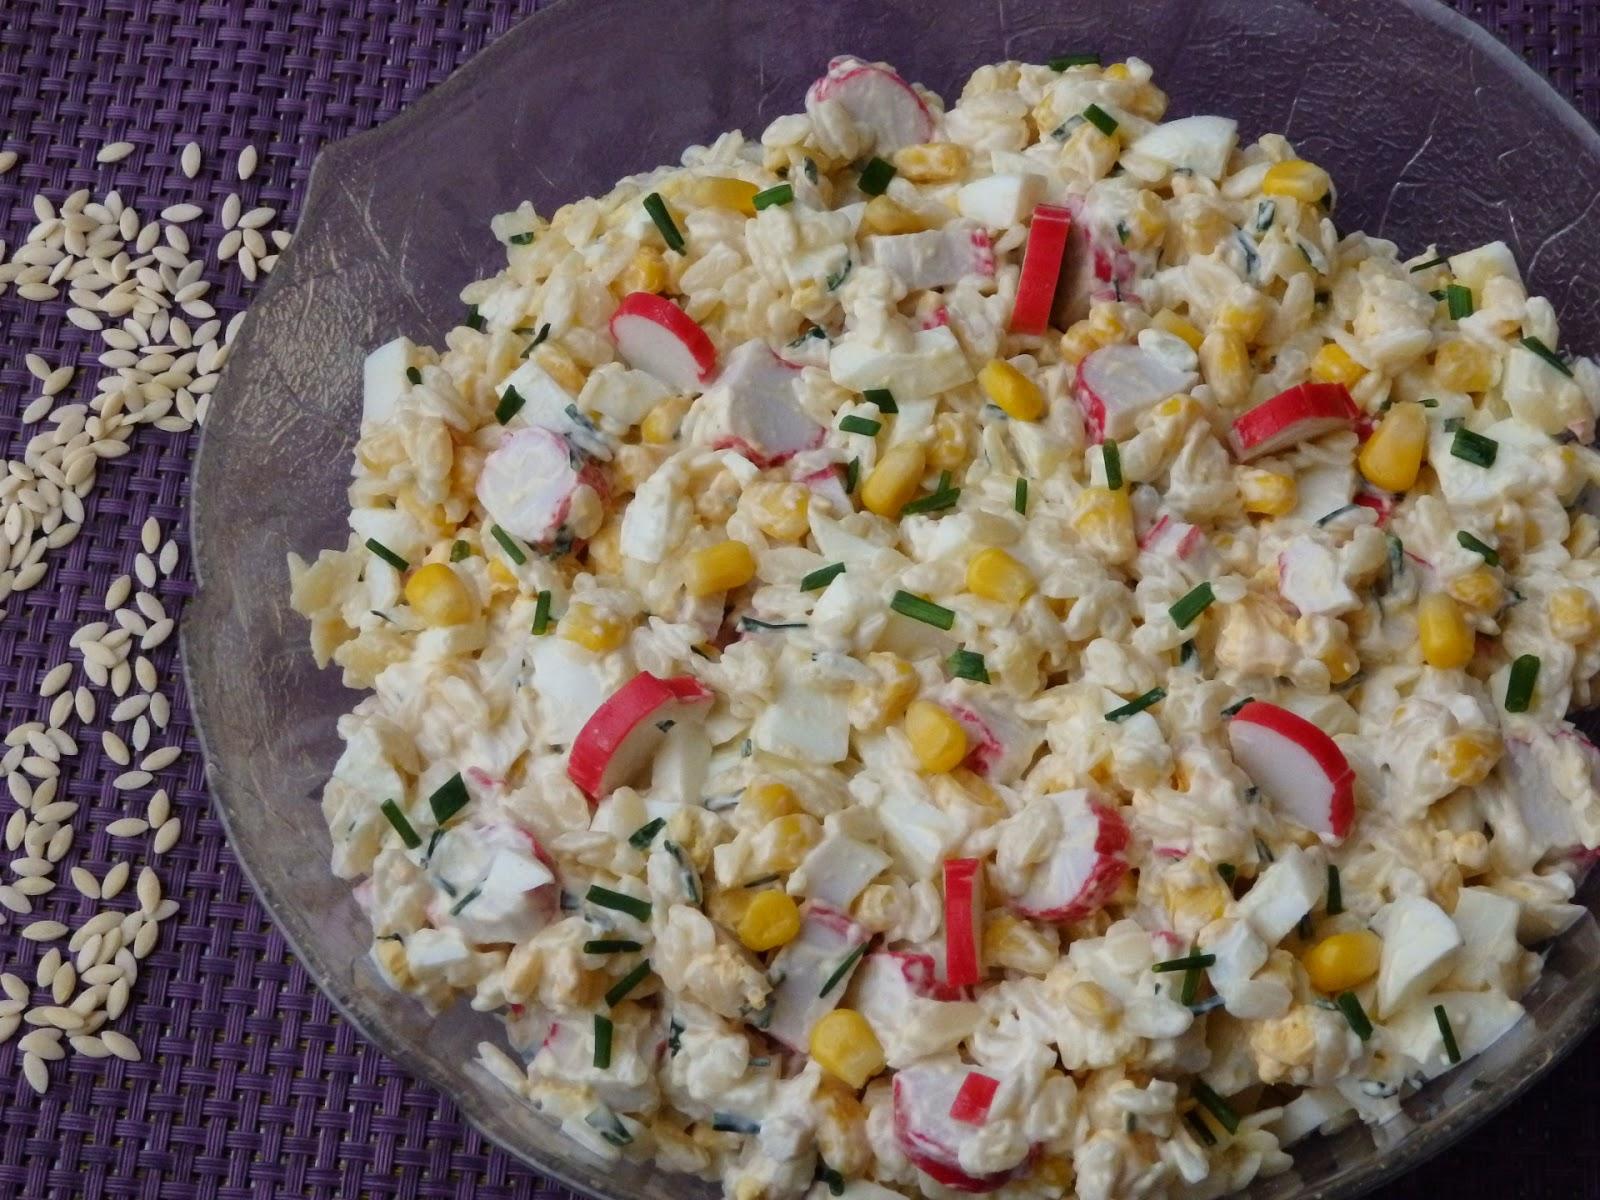 Sałatka z paluszkami krabowymi i makaronem w kształcie ryżu